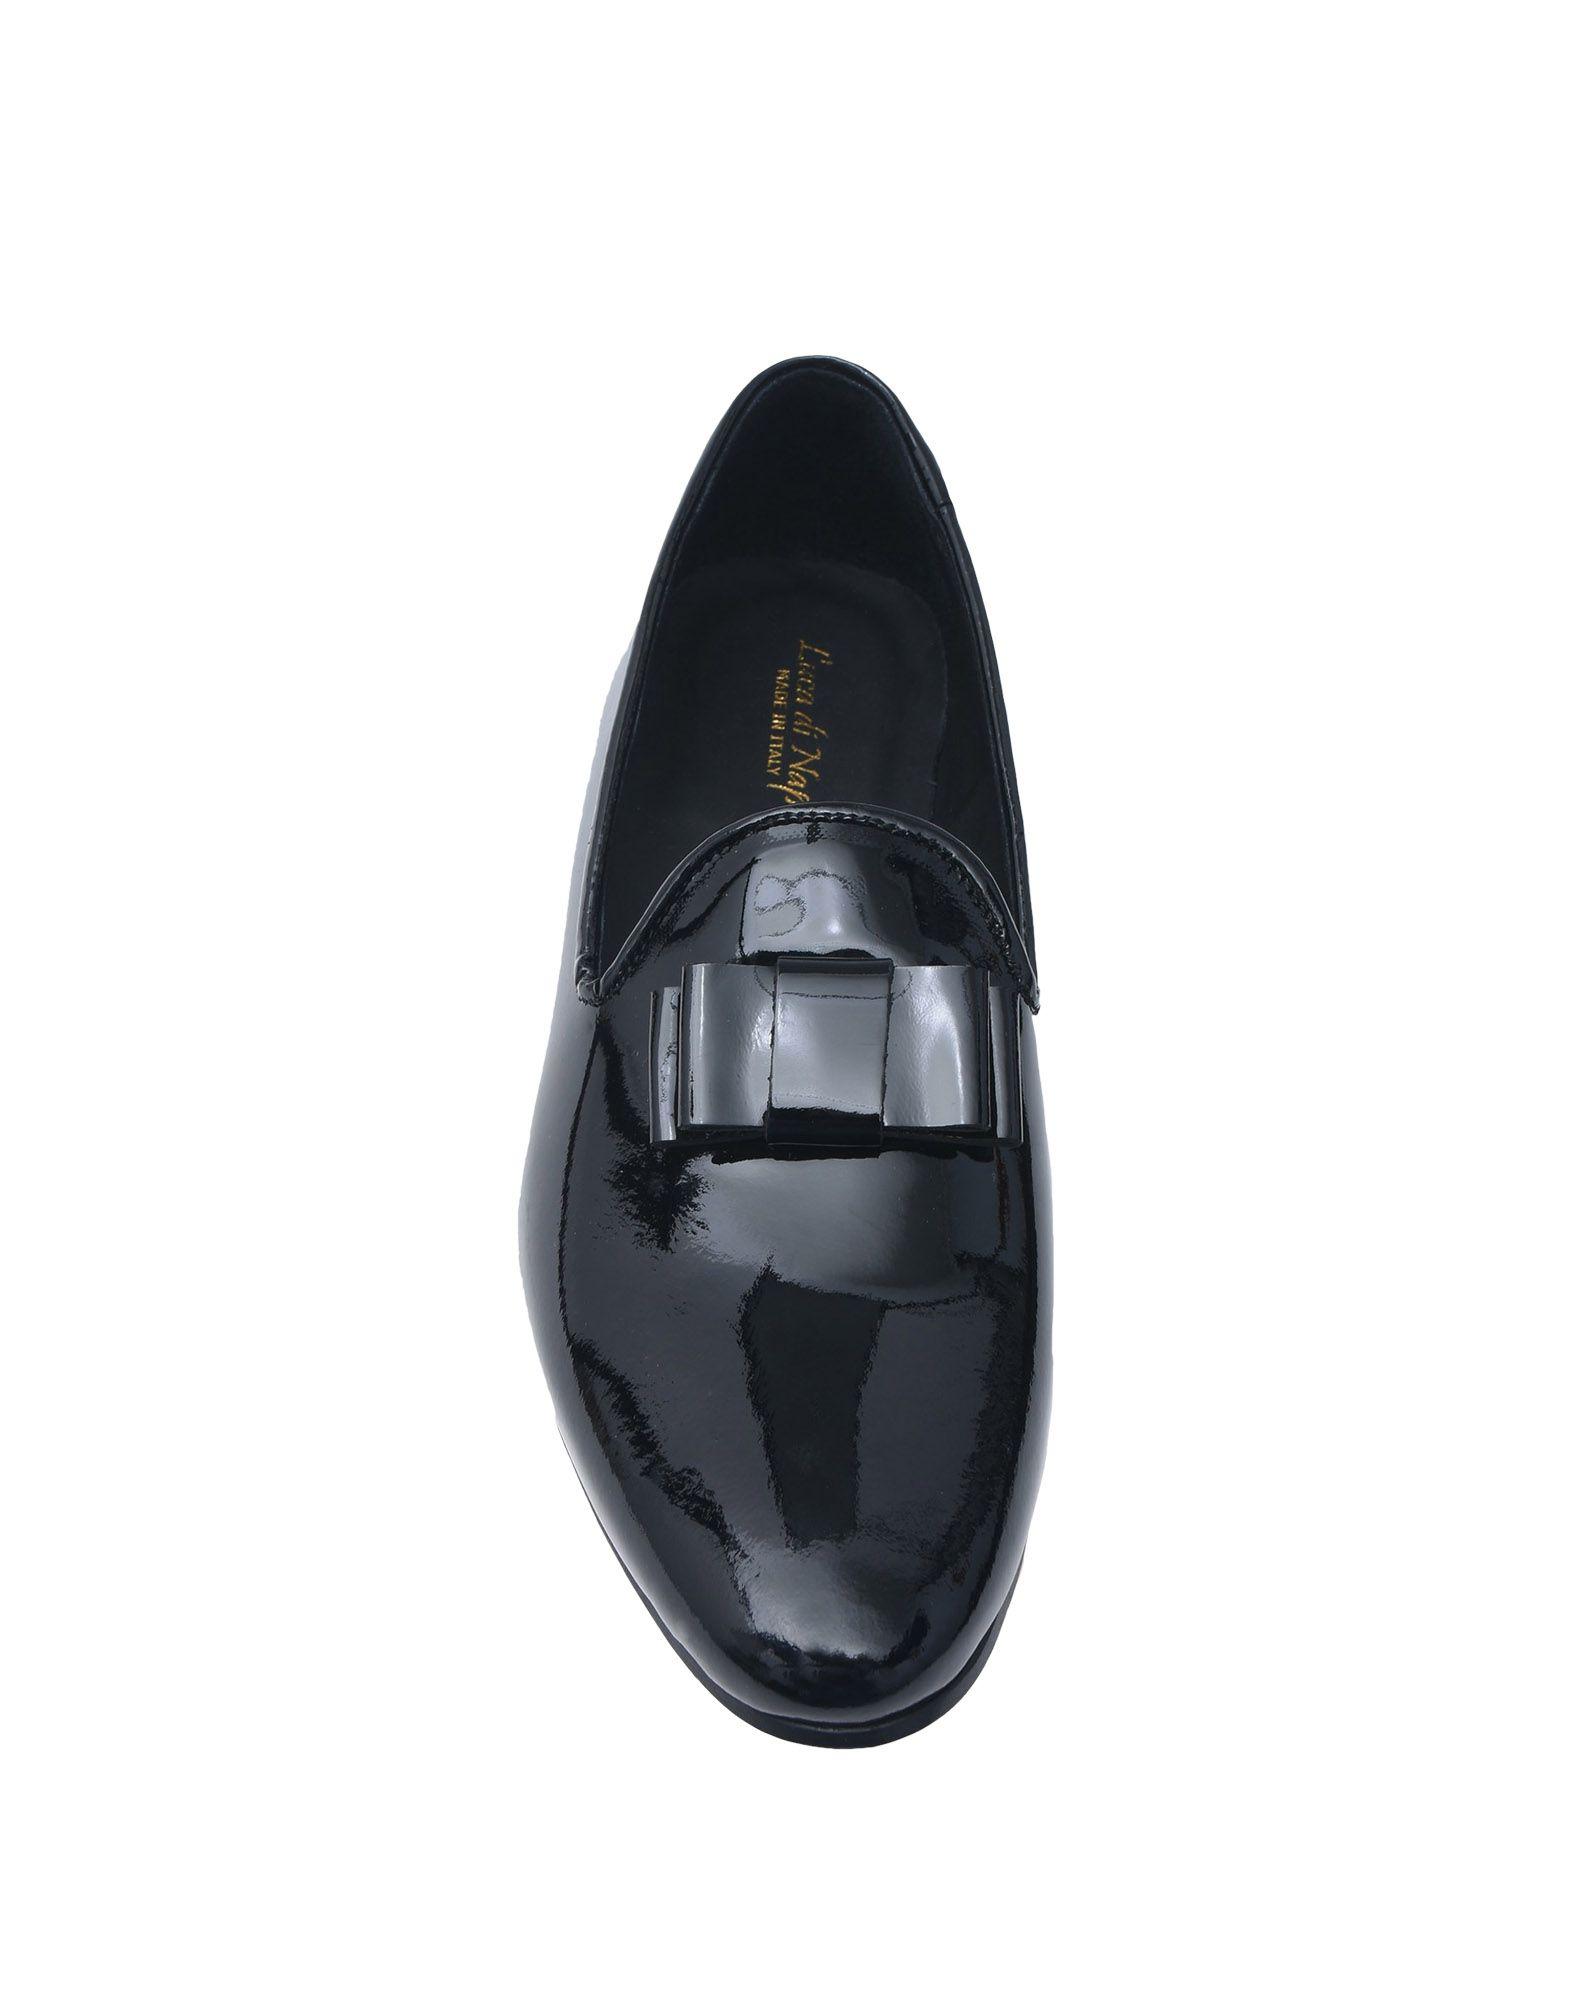 Luca Di Napoli Schuhe Mokassins Herren  11515137JG Neue Schuhe Napoli 1e4e93